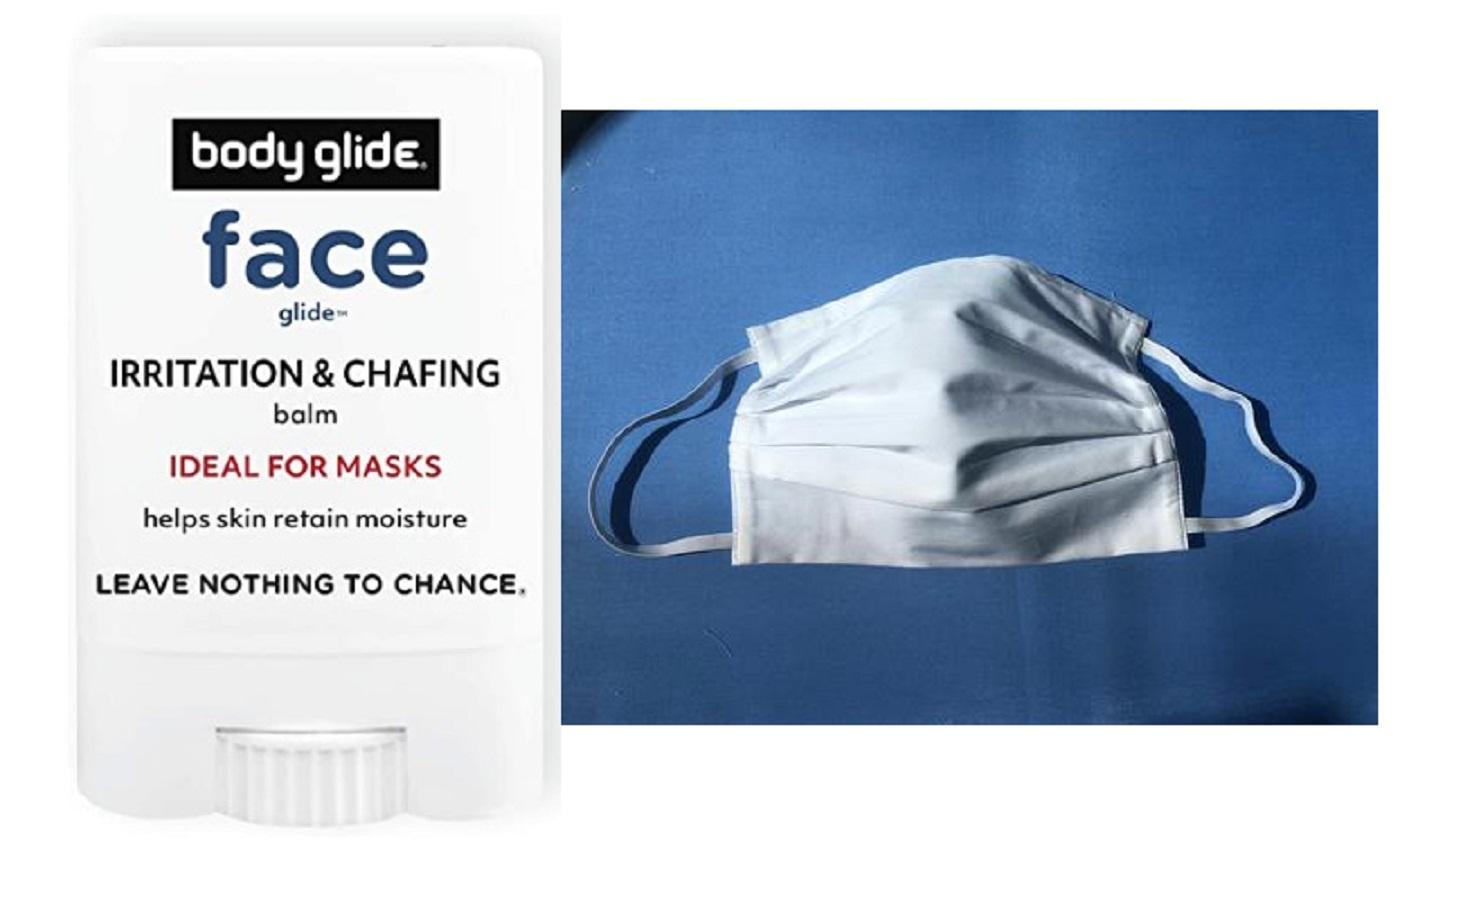 Questo balsamo protegge la pelle dalle mascherine